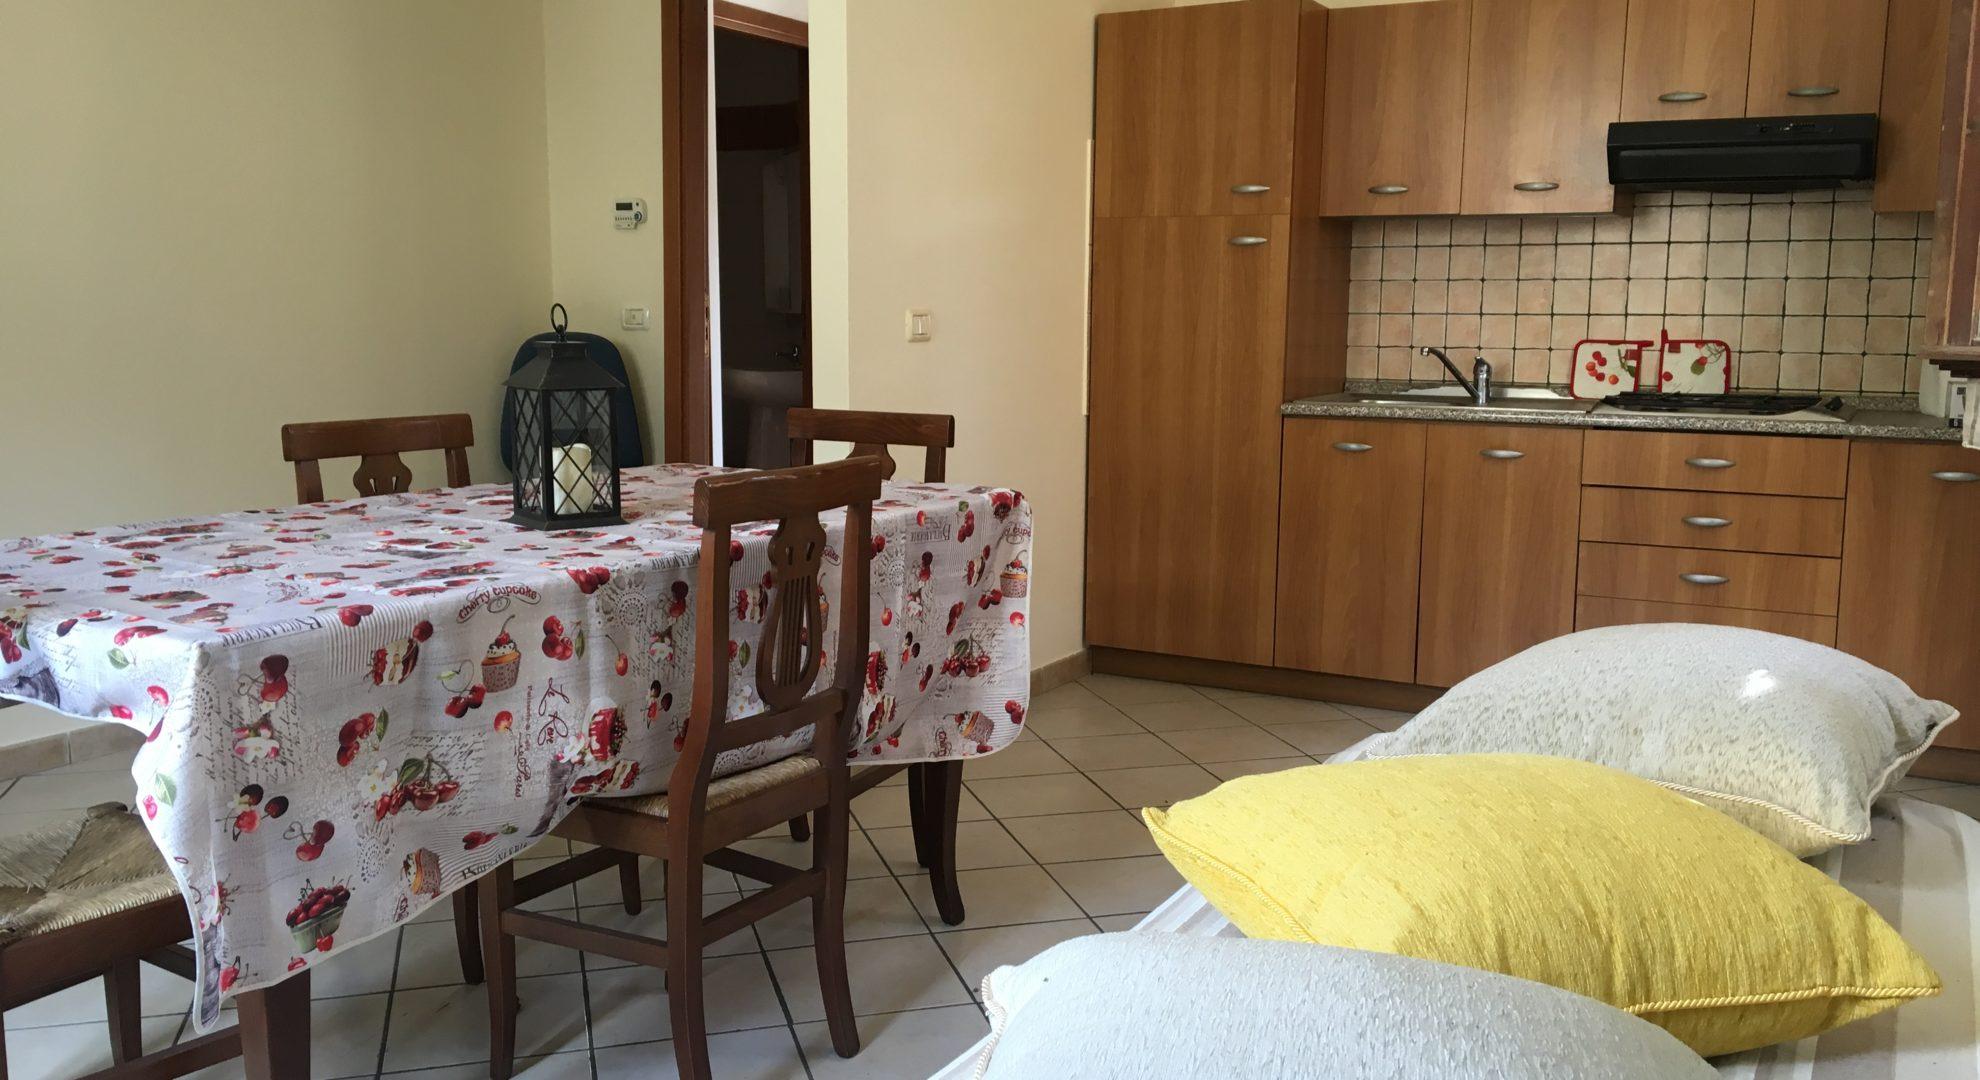 agenzia immobiliare vendita affitto appartamenti